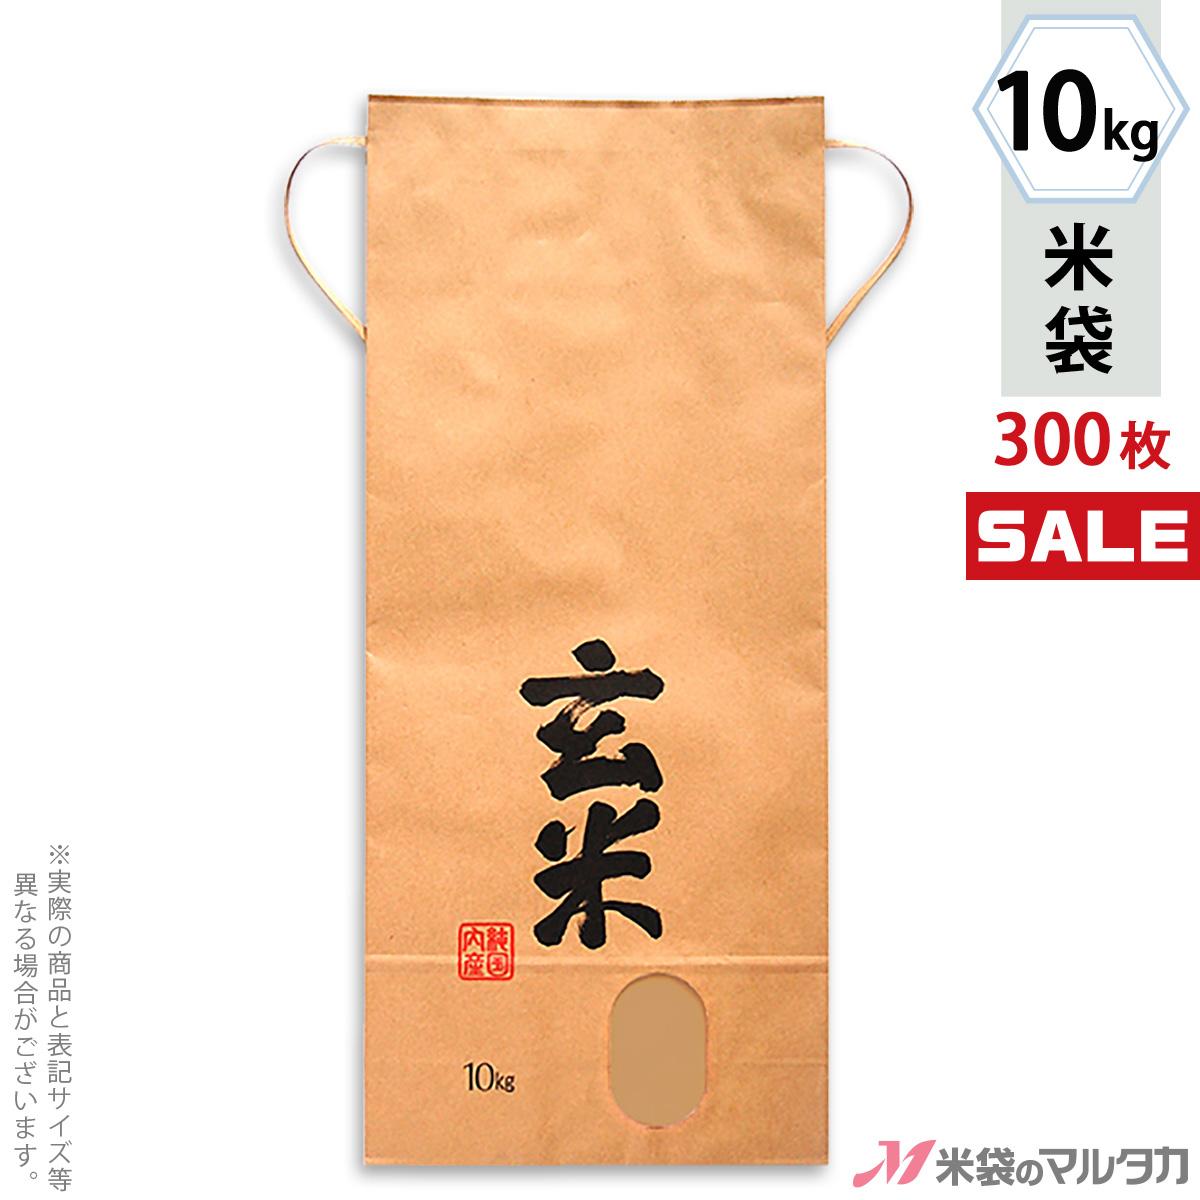 <キャンペーン対応>米袋 KH-0370 マルタカ クラフト 玄米 良穀(りょうこく)(銘柄なし) 窓付 角底 10kg用紐付 【米袋 10kg】【1ケース(300枚入)】